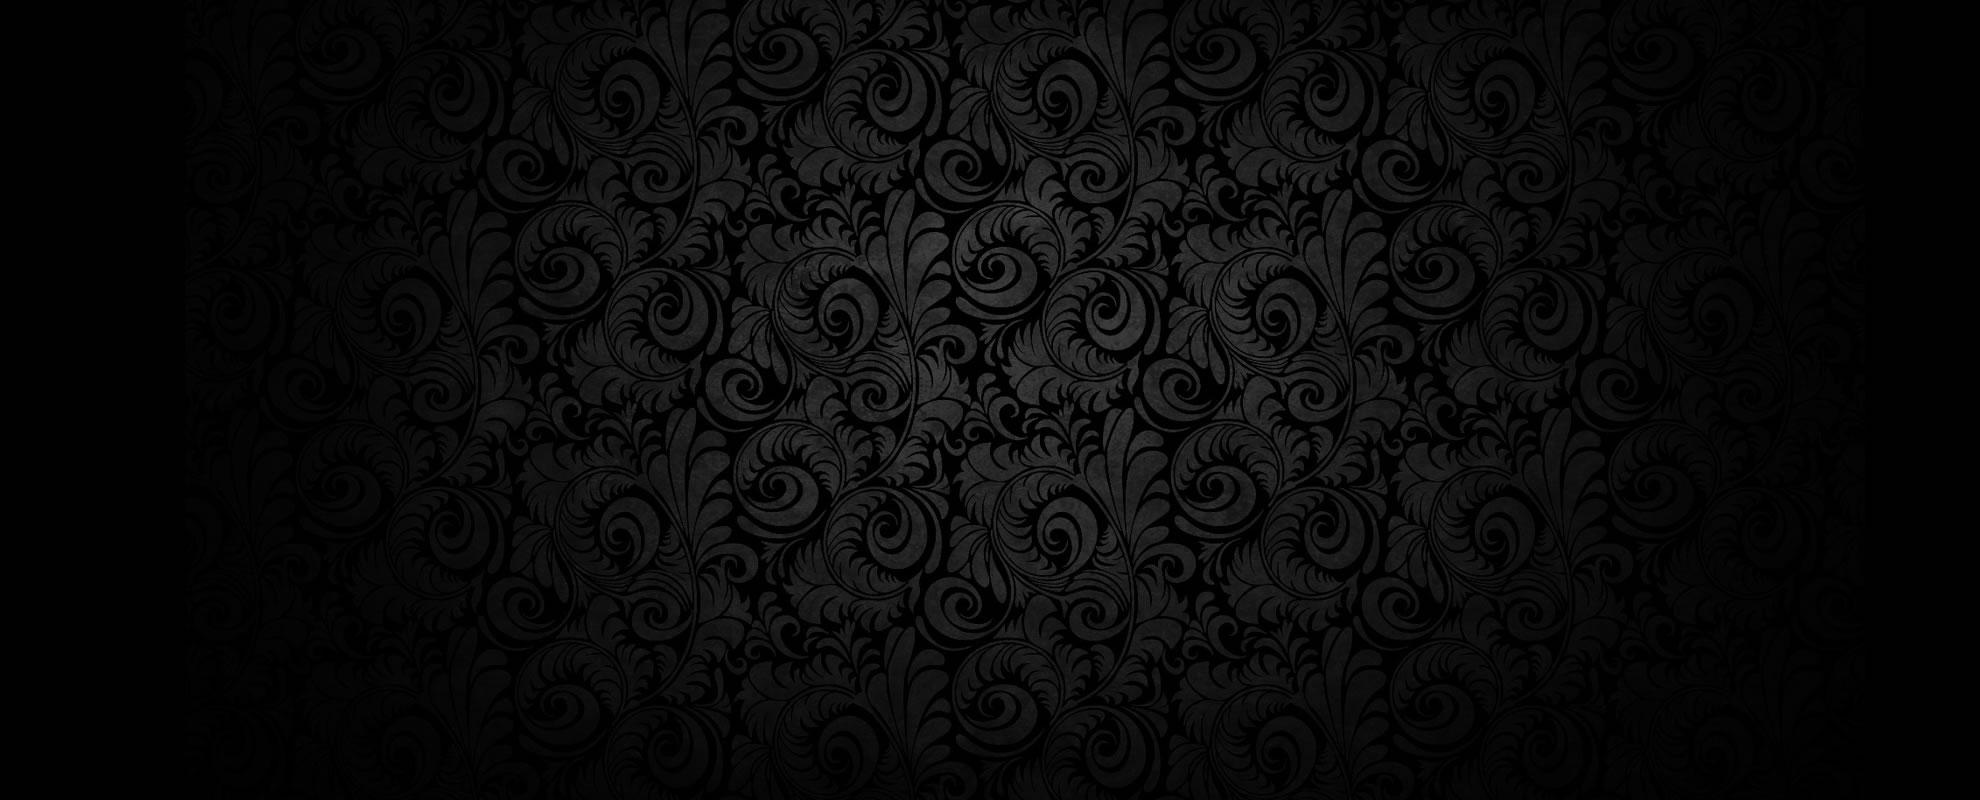 Persona 5 Iphone Wallpaper Fondo Negro En El Smartphone 191 Sirve Para Ahorrar Bater 237 A